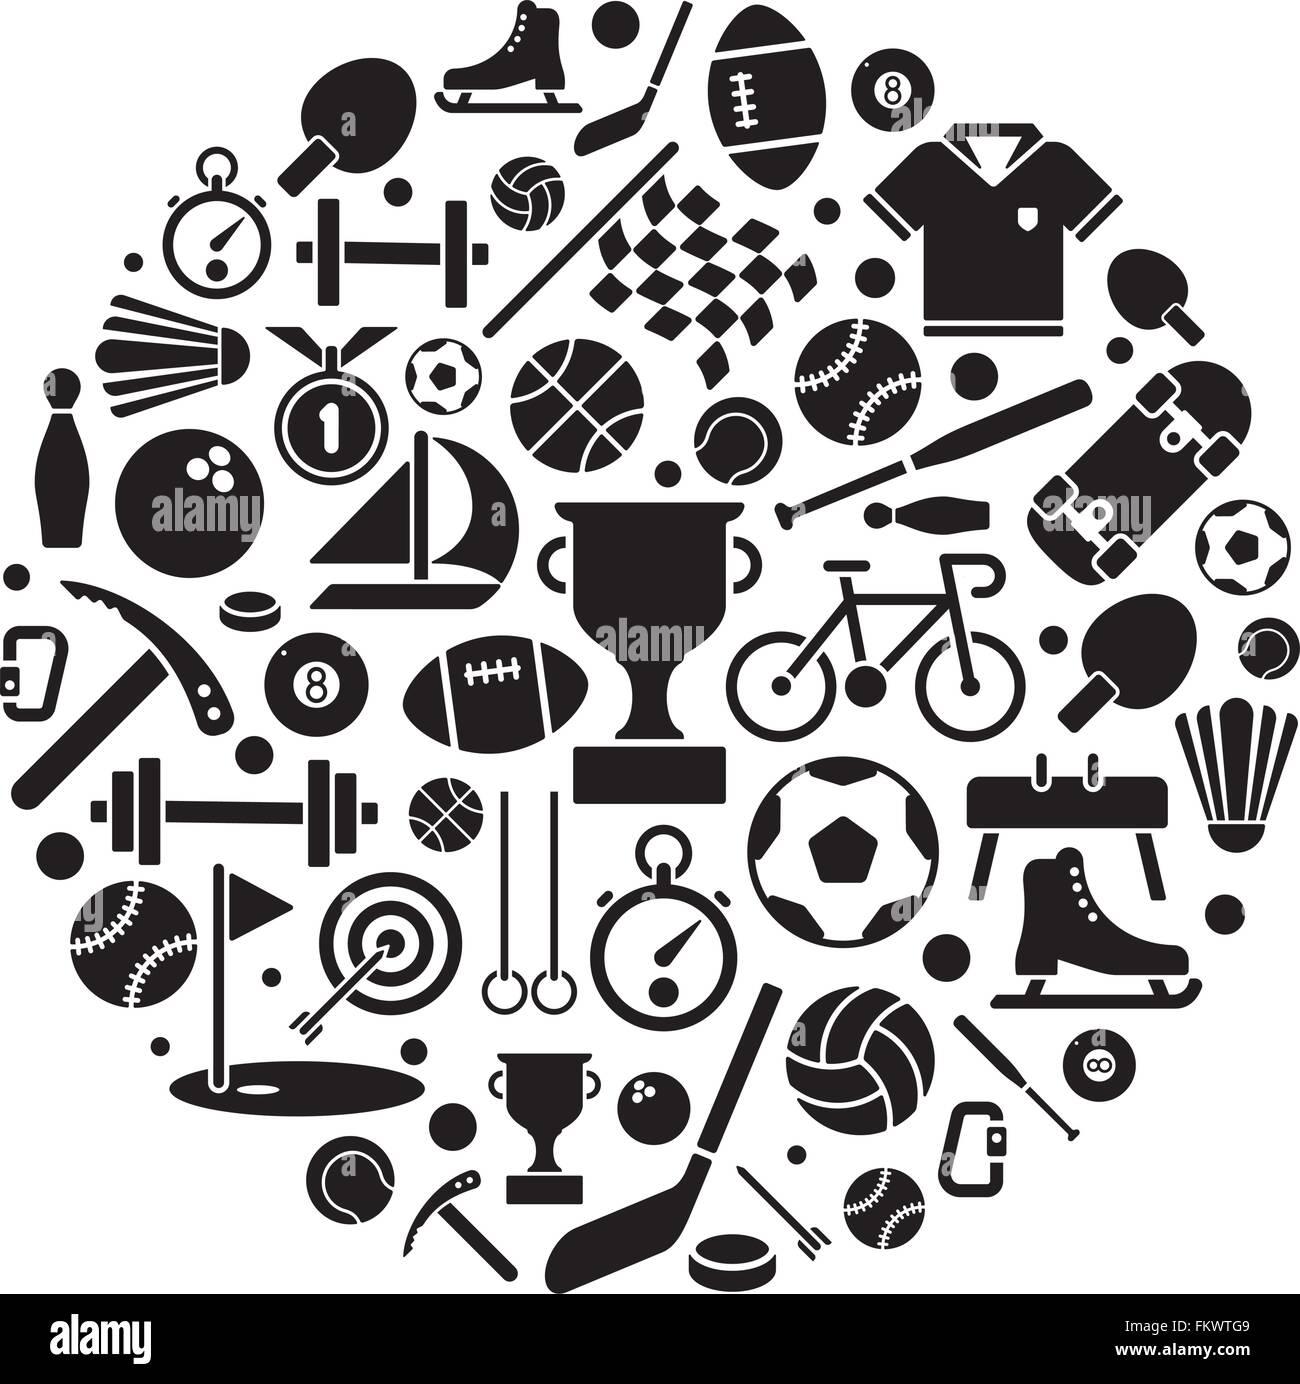 Vasta gamma di attrezzature sportive simboli disposti in forma circolare Immagini Stock